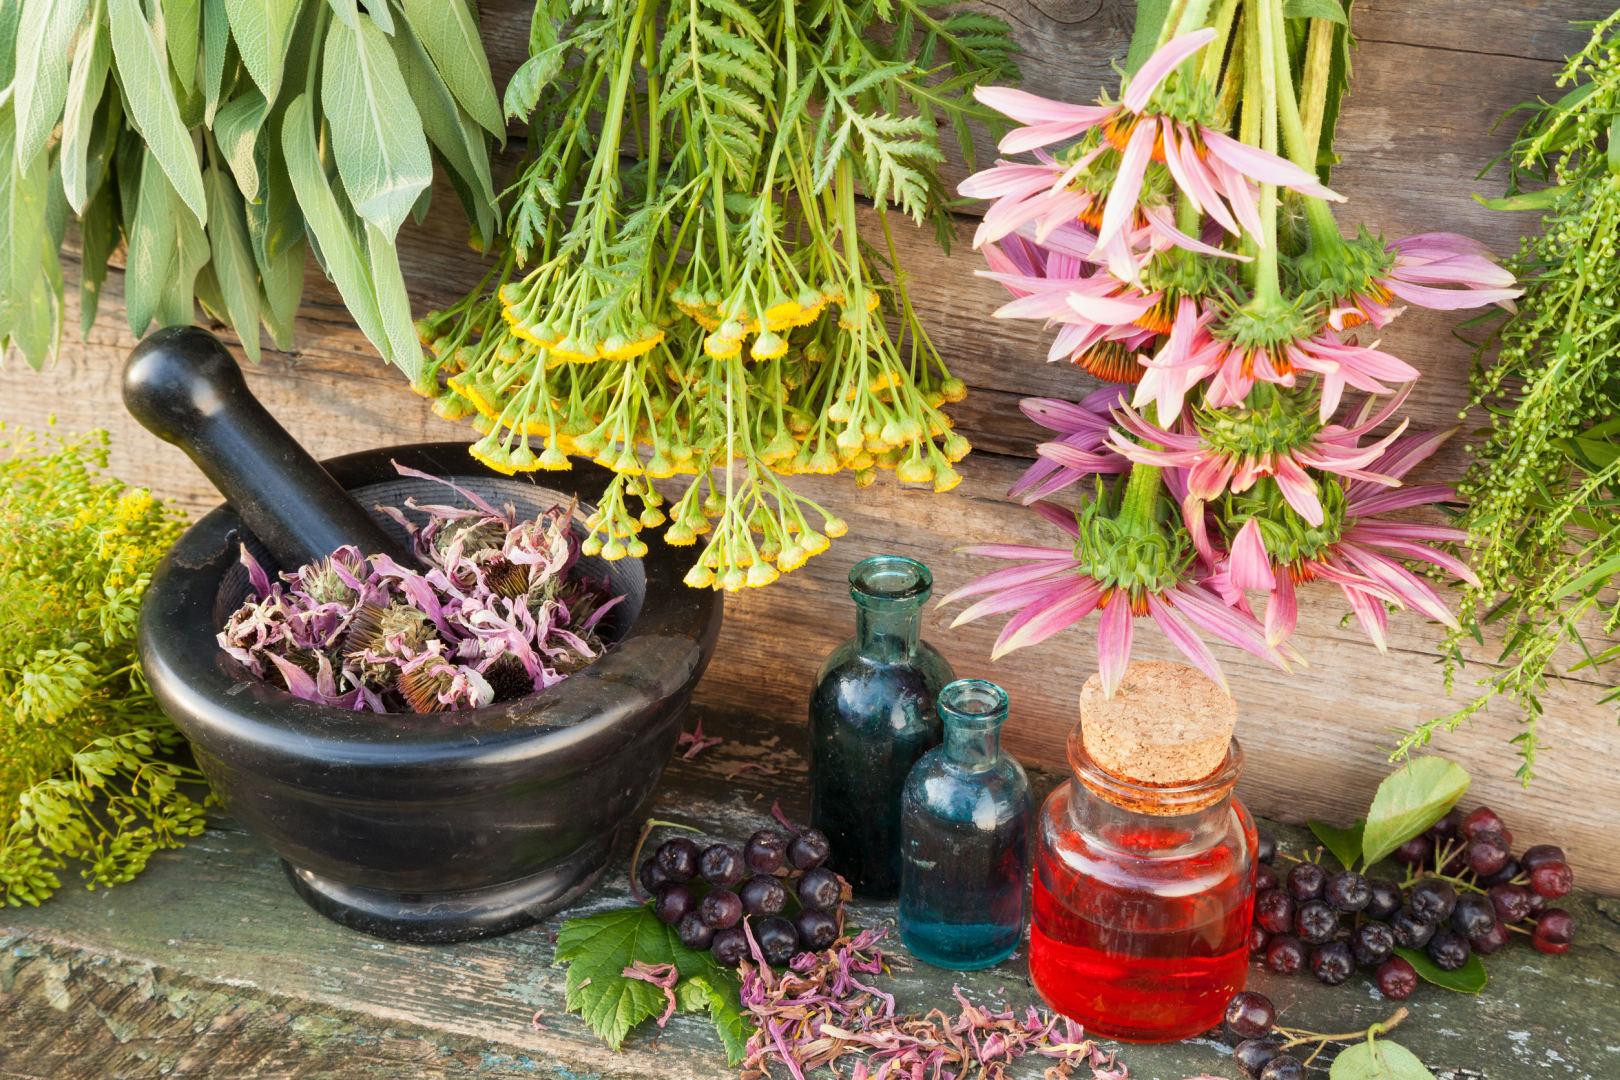 vaistinis augalas, vartojamas hipertenzijai gydyti